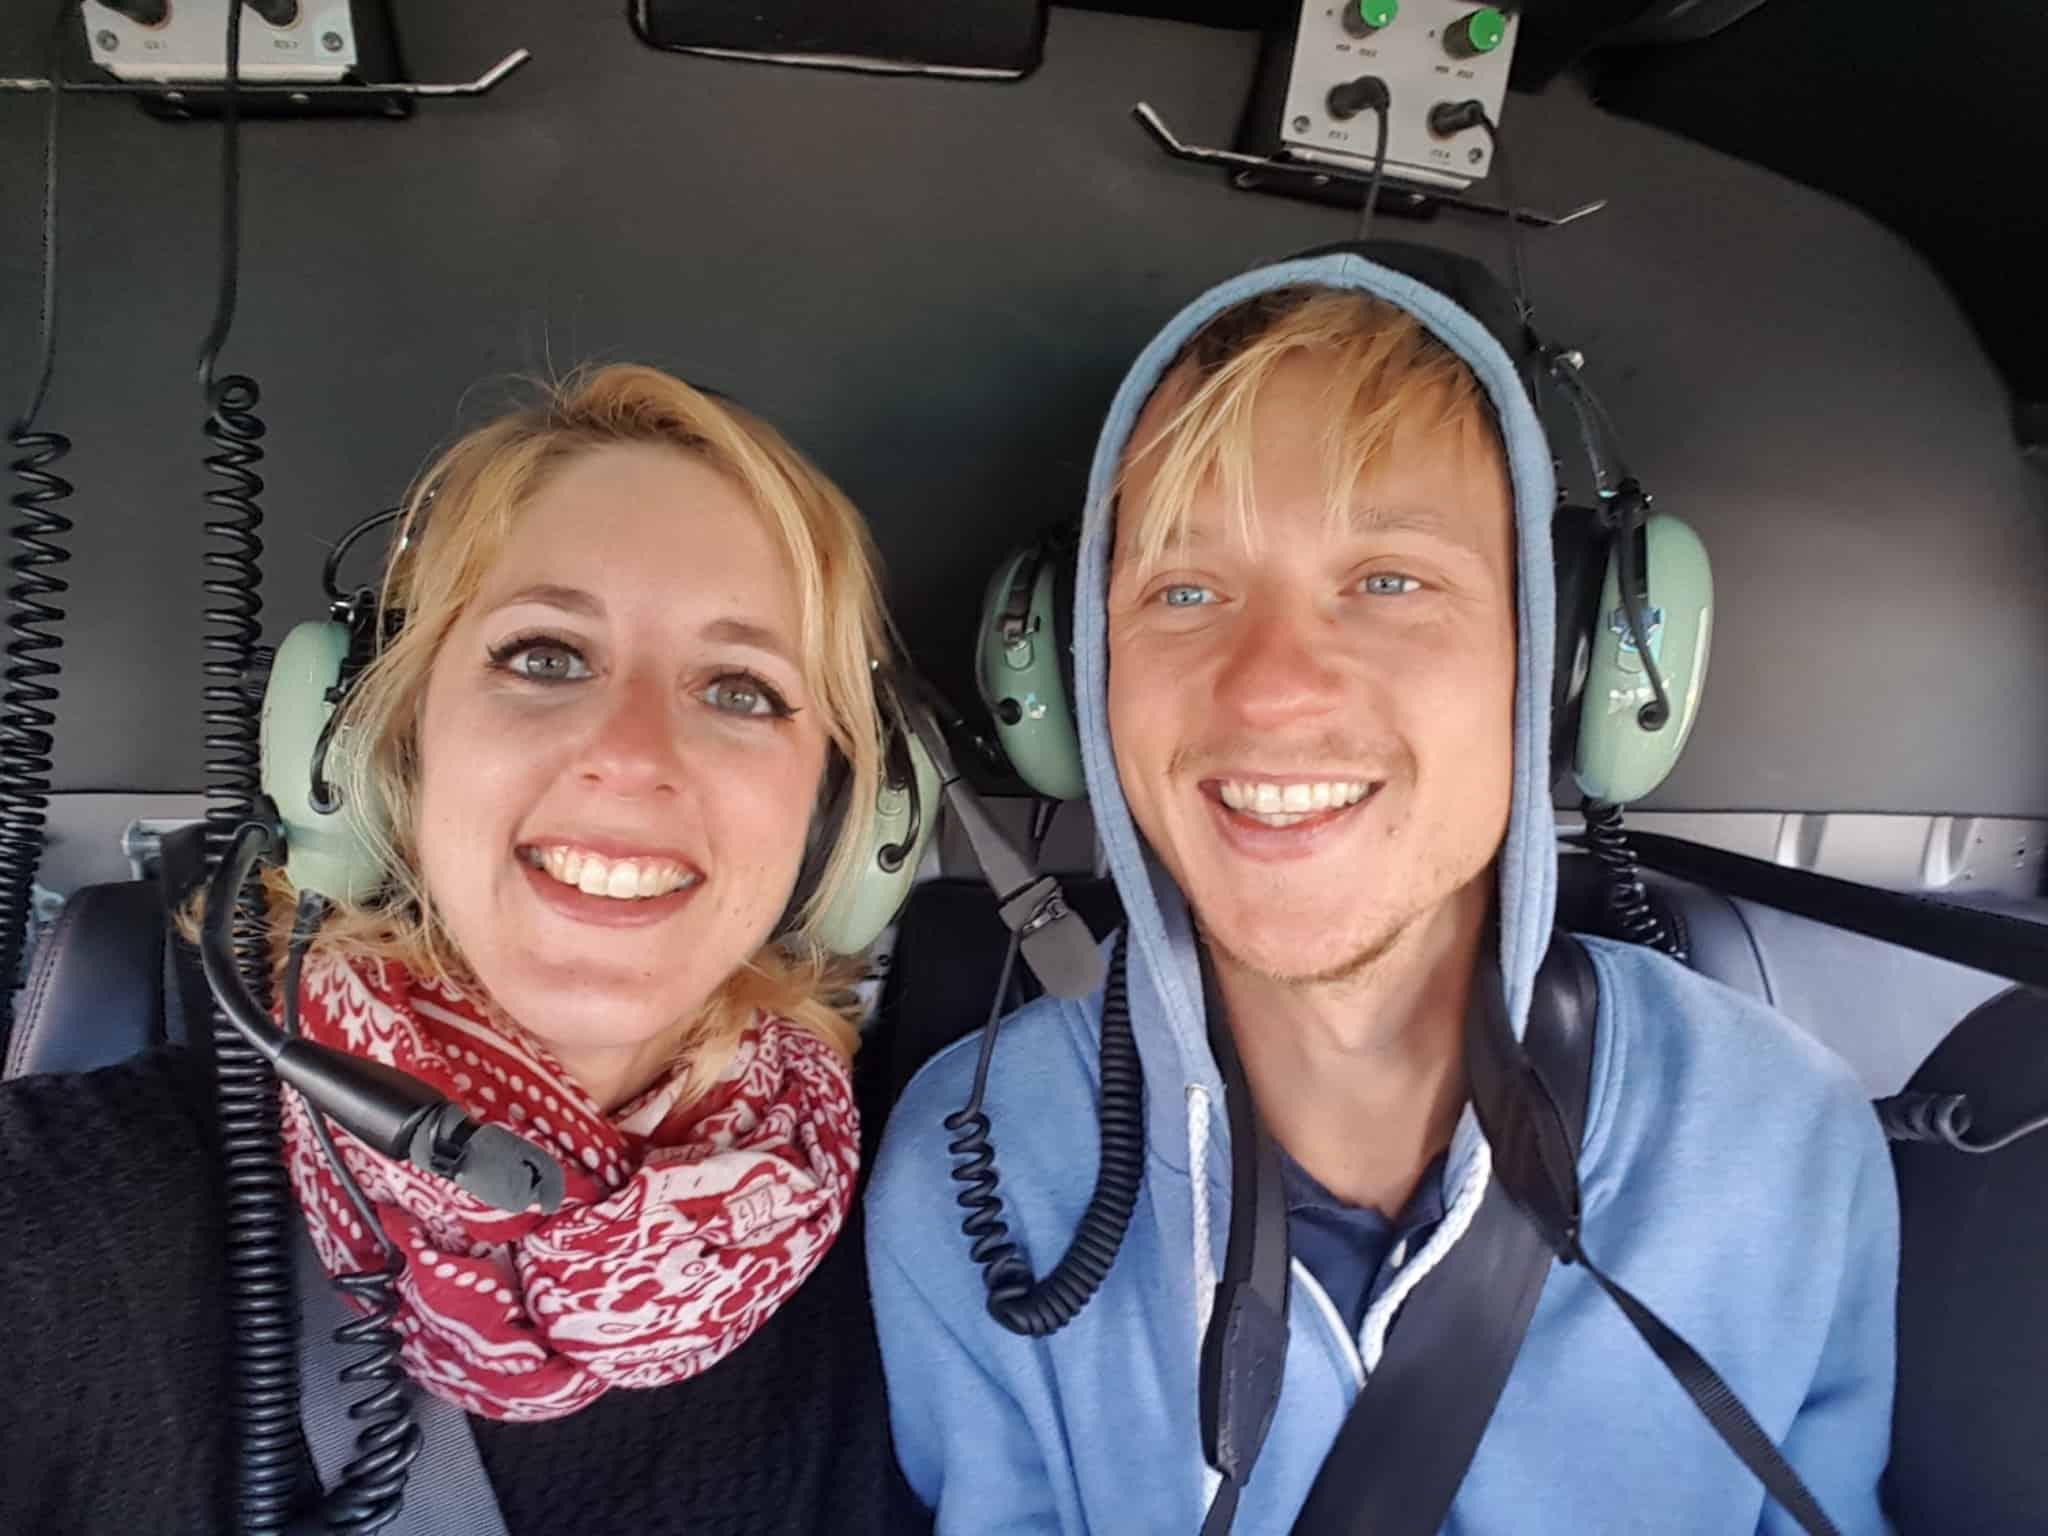 Nouvelle-Zélande, un tour en hélico au dessus de Queenstown qui nous en met plein les yeux ! 🚁 25